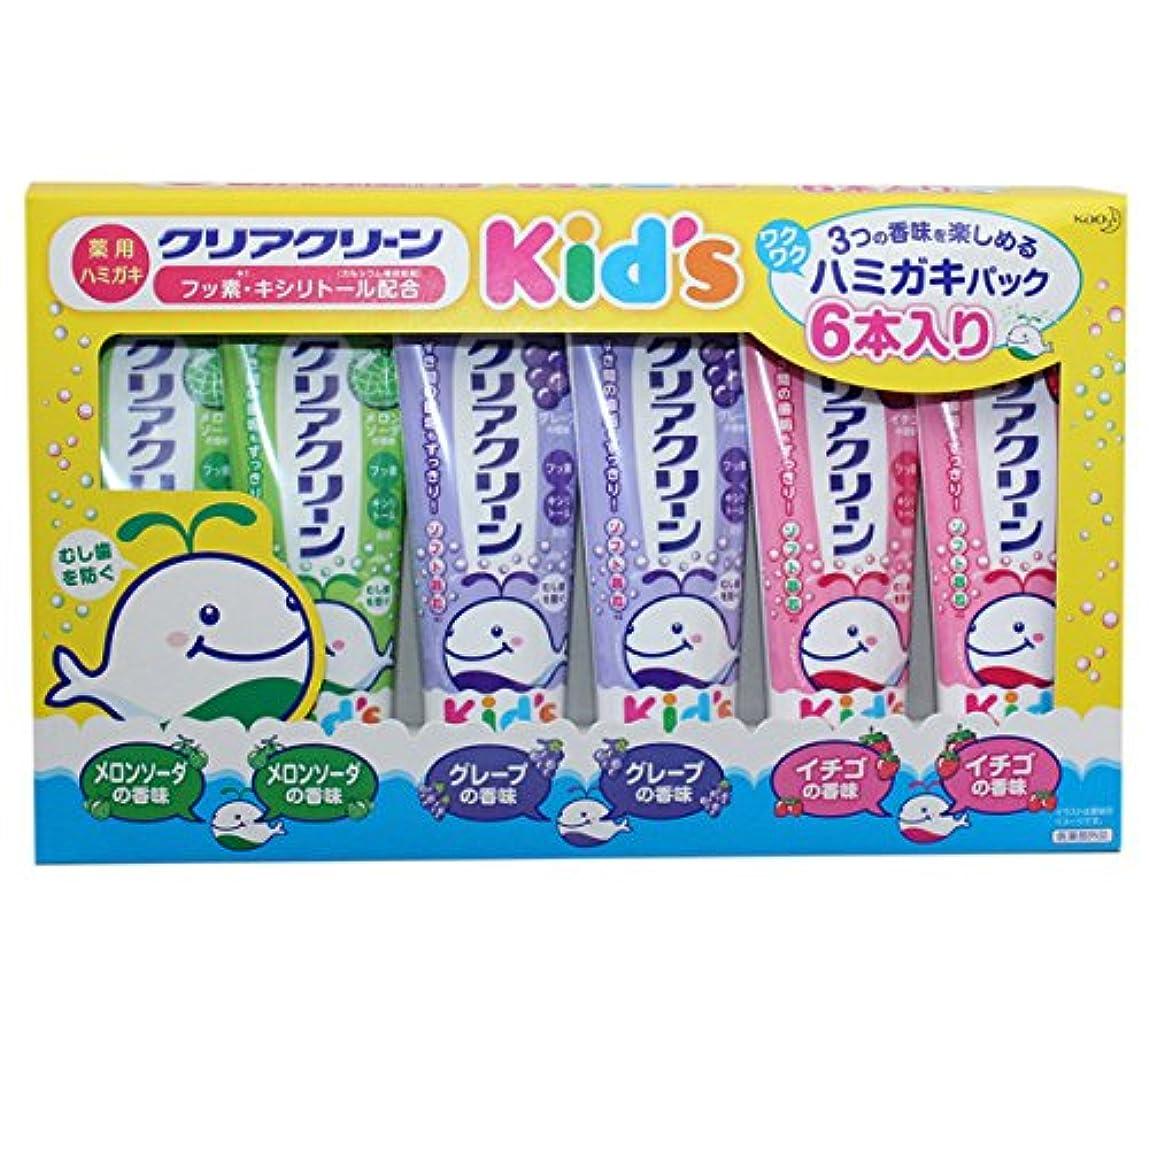 集中的なハンバーガーアクションクリアクリーン kids 70gx6本セット 3つの香味を楽しめる(メロンソーダ/グレープ/イチゴ) 子供用歯磨き粉